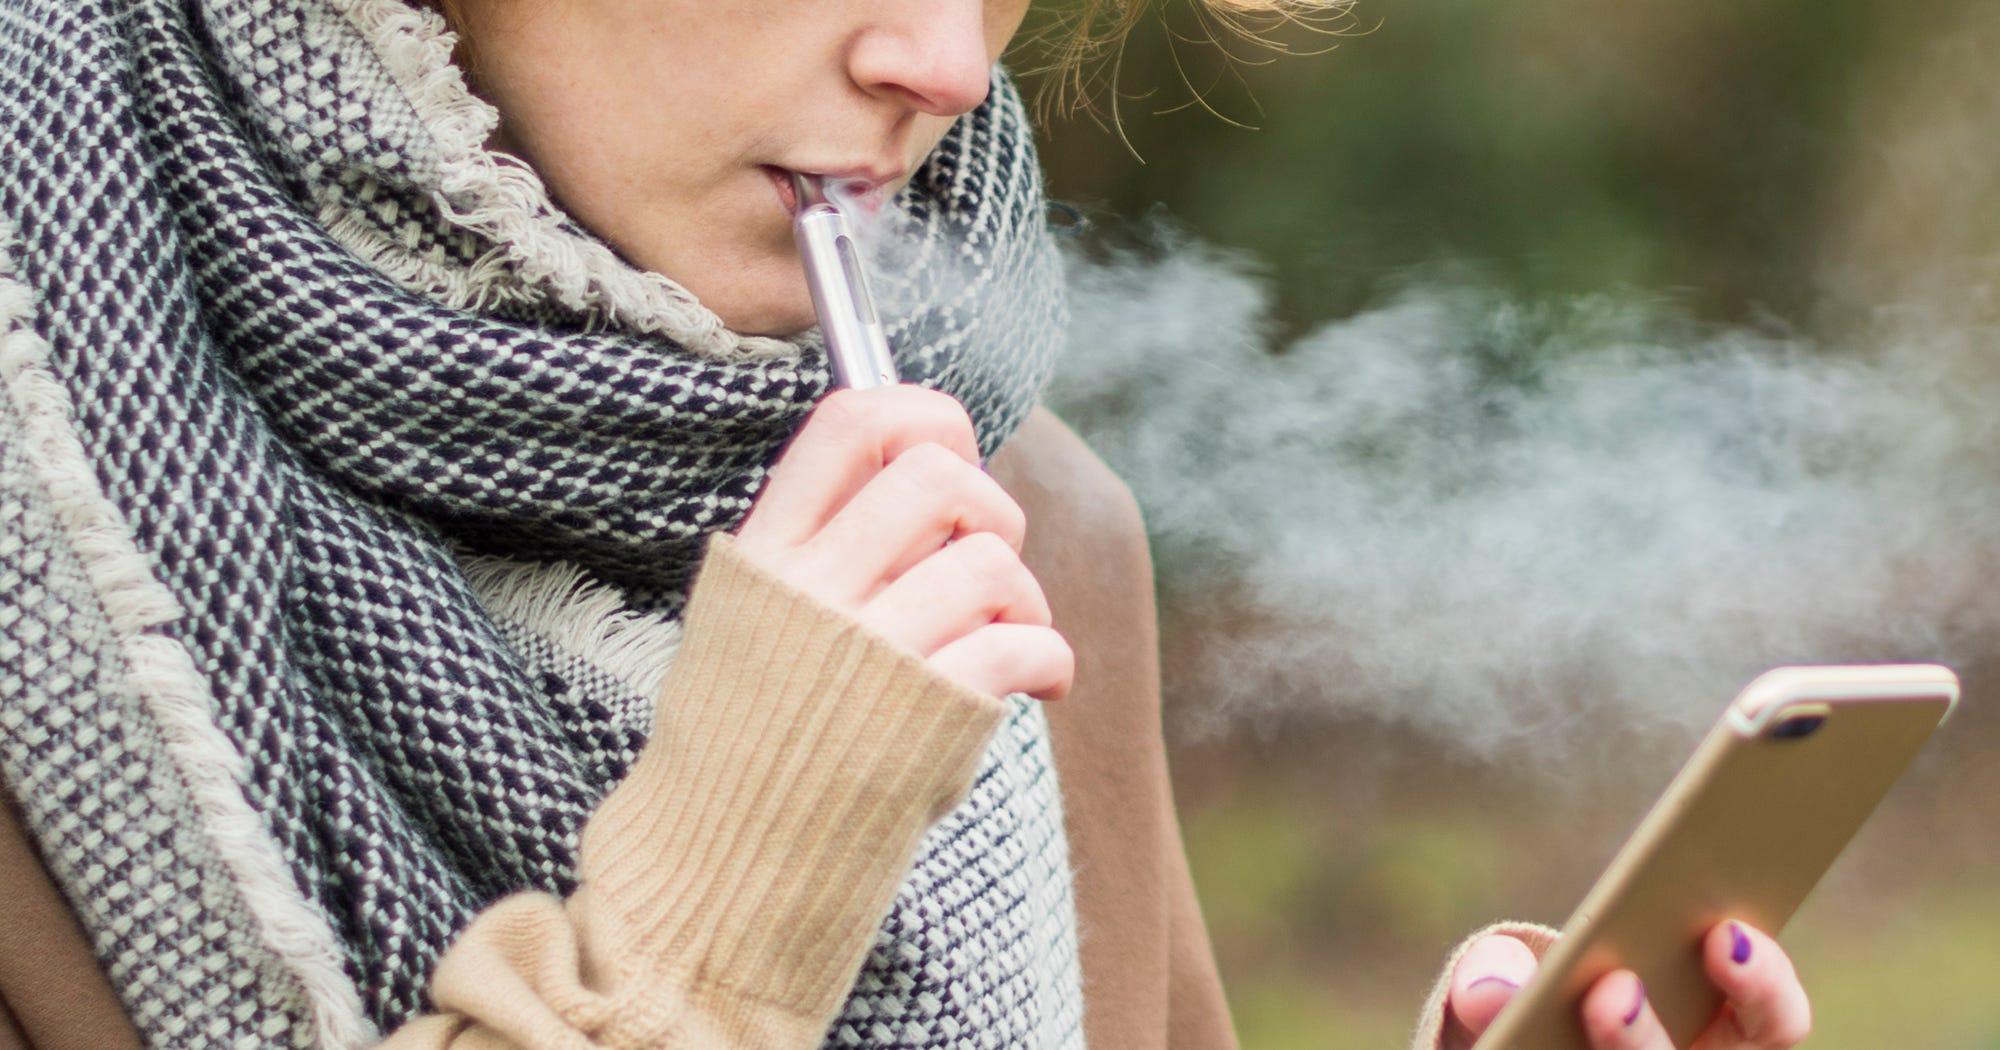 Juul Side Effects: Long & Short Term Health Warnings